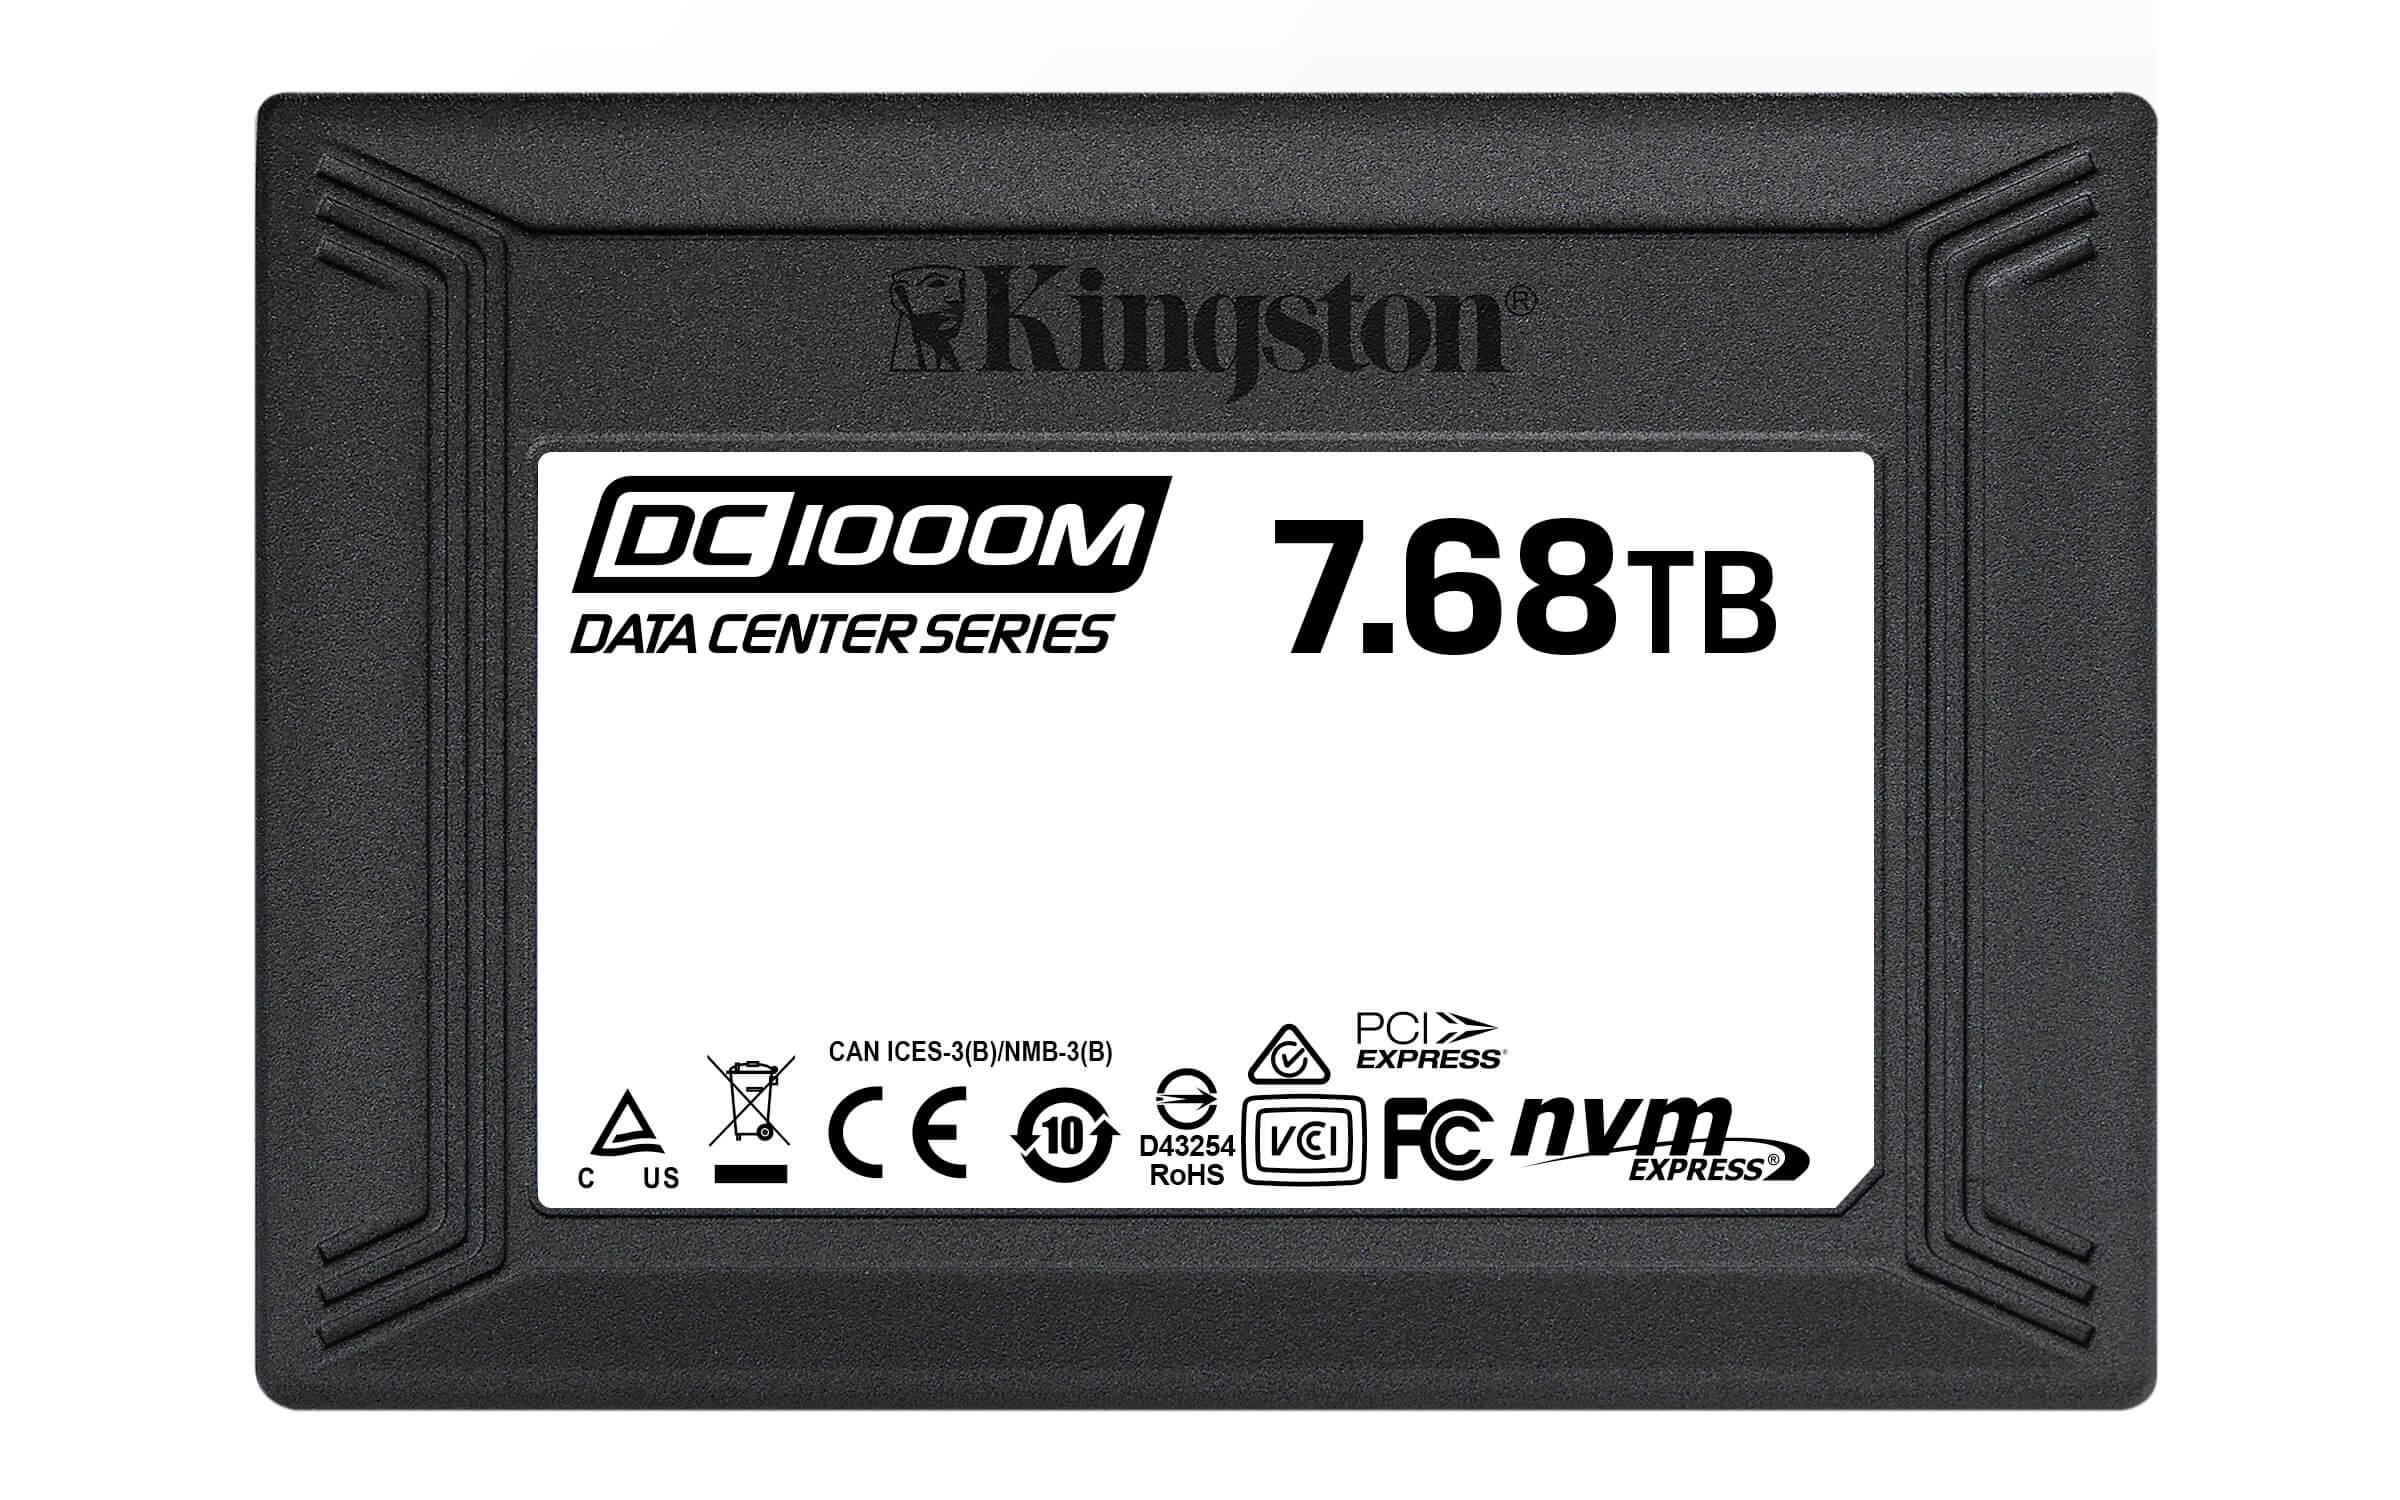 Kingston DC1000M 1